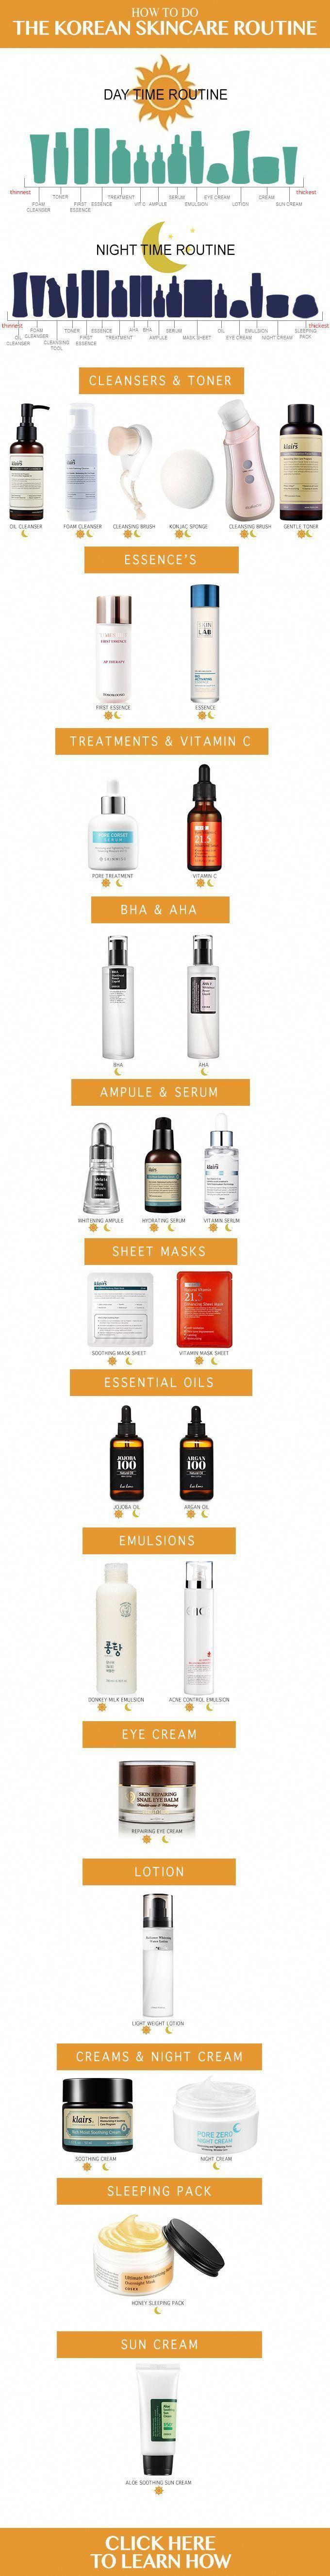 Face Skin Care, werden Sie einen Hautpflegehinweis zu schätzen wissen, der …